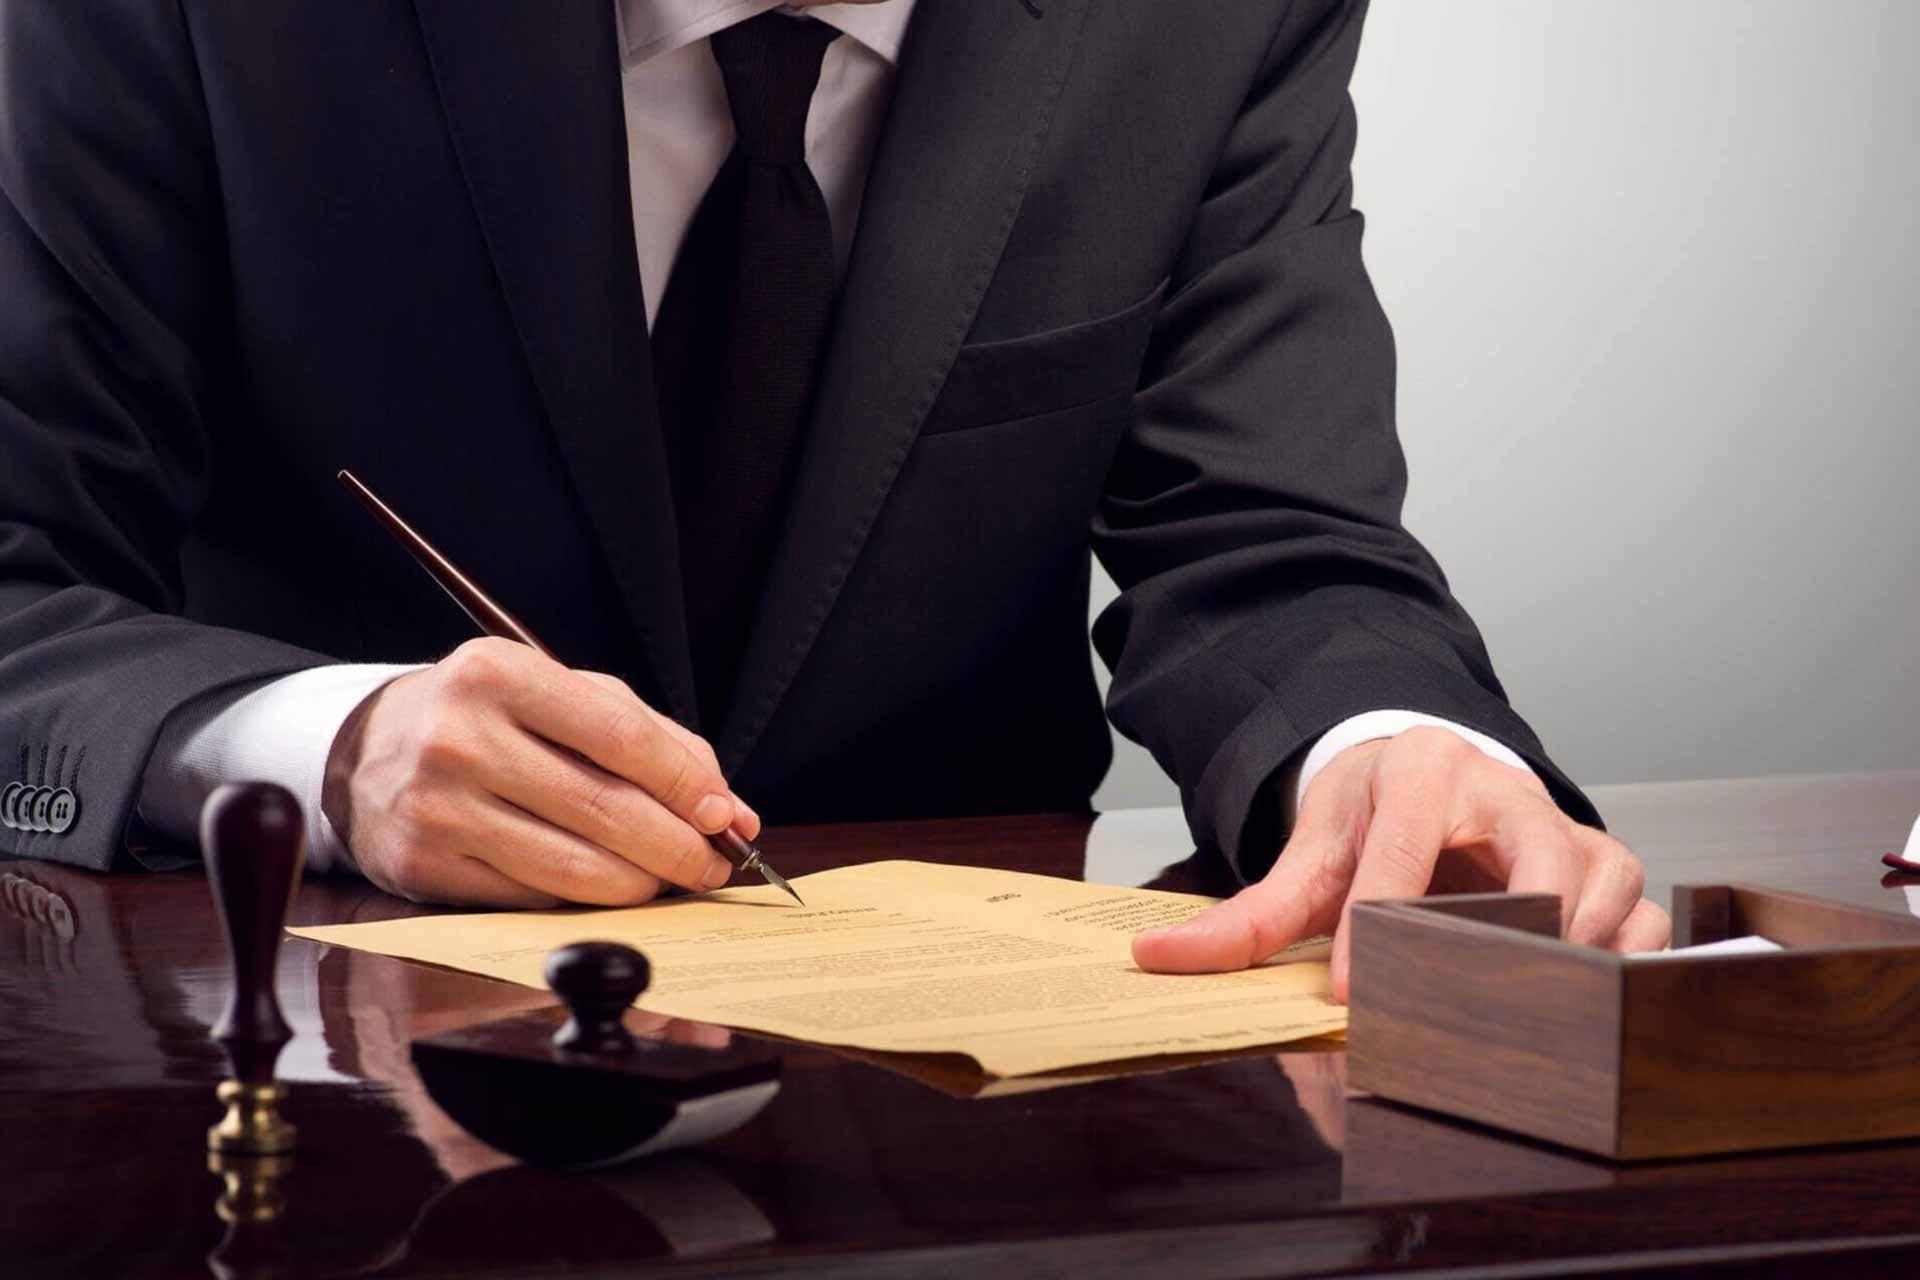 Нужна помощь лучшего адвоката, зайдите на advokat-urfo.ru